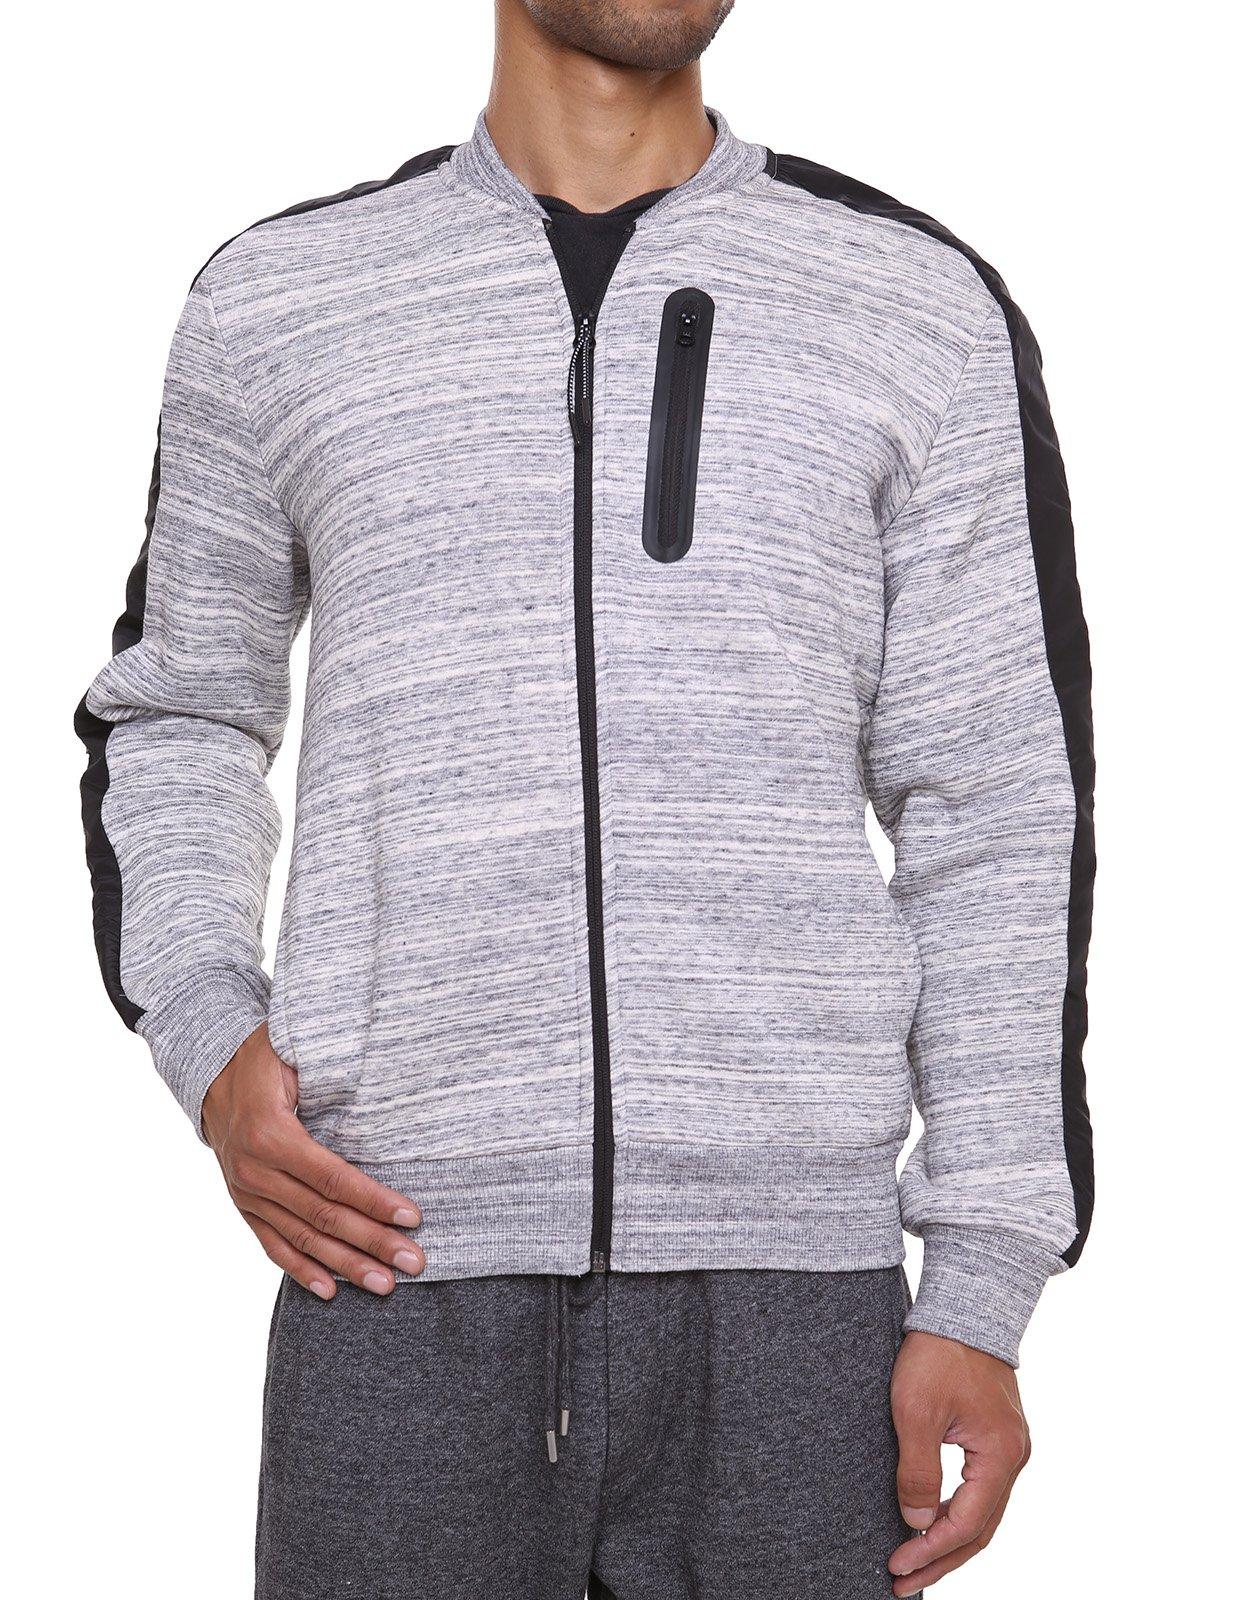 Fleece Sweatshirt Jacket Dotswarm Sweater-Comfort Front Zip Jacket Cozy Sport Outwear Casual,Zebra Melange,X-Large